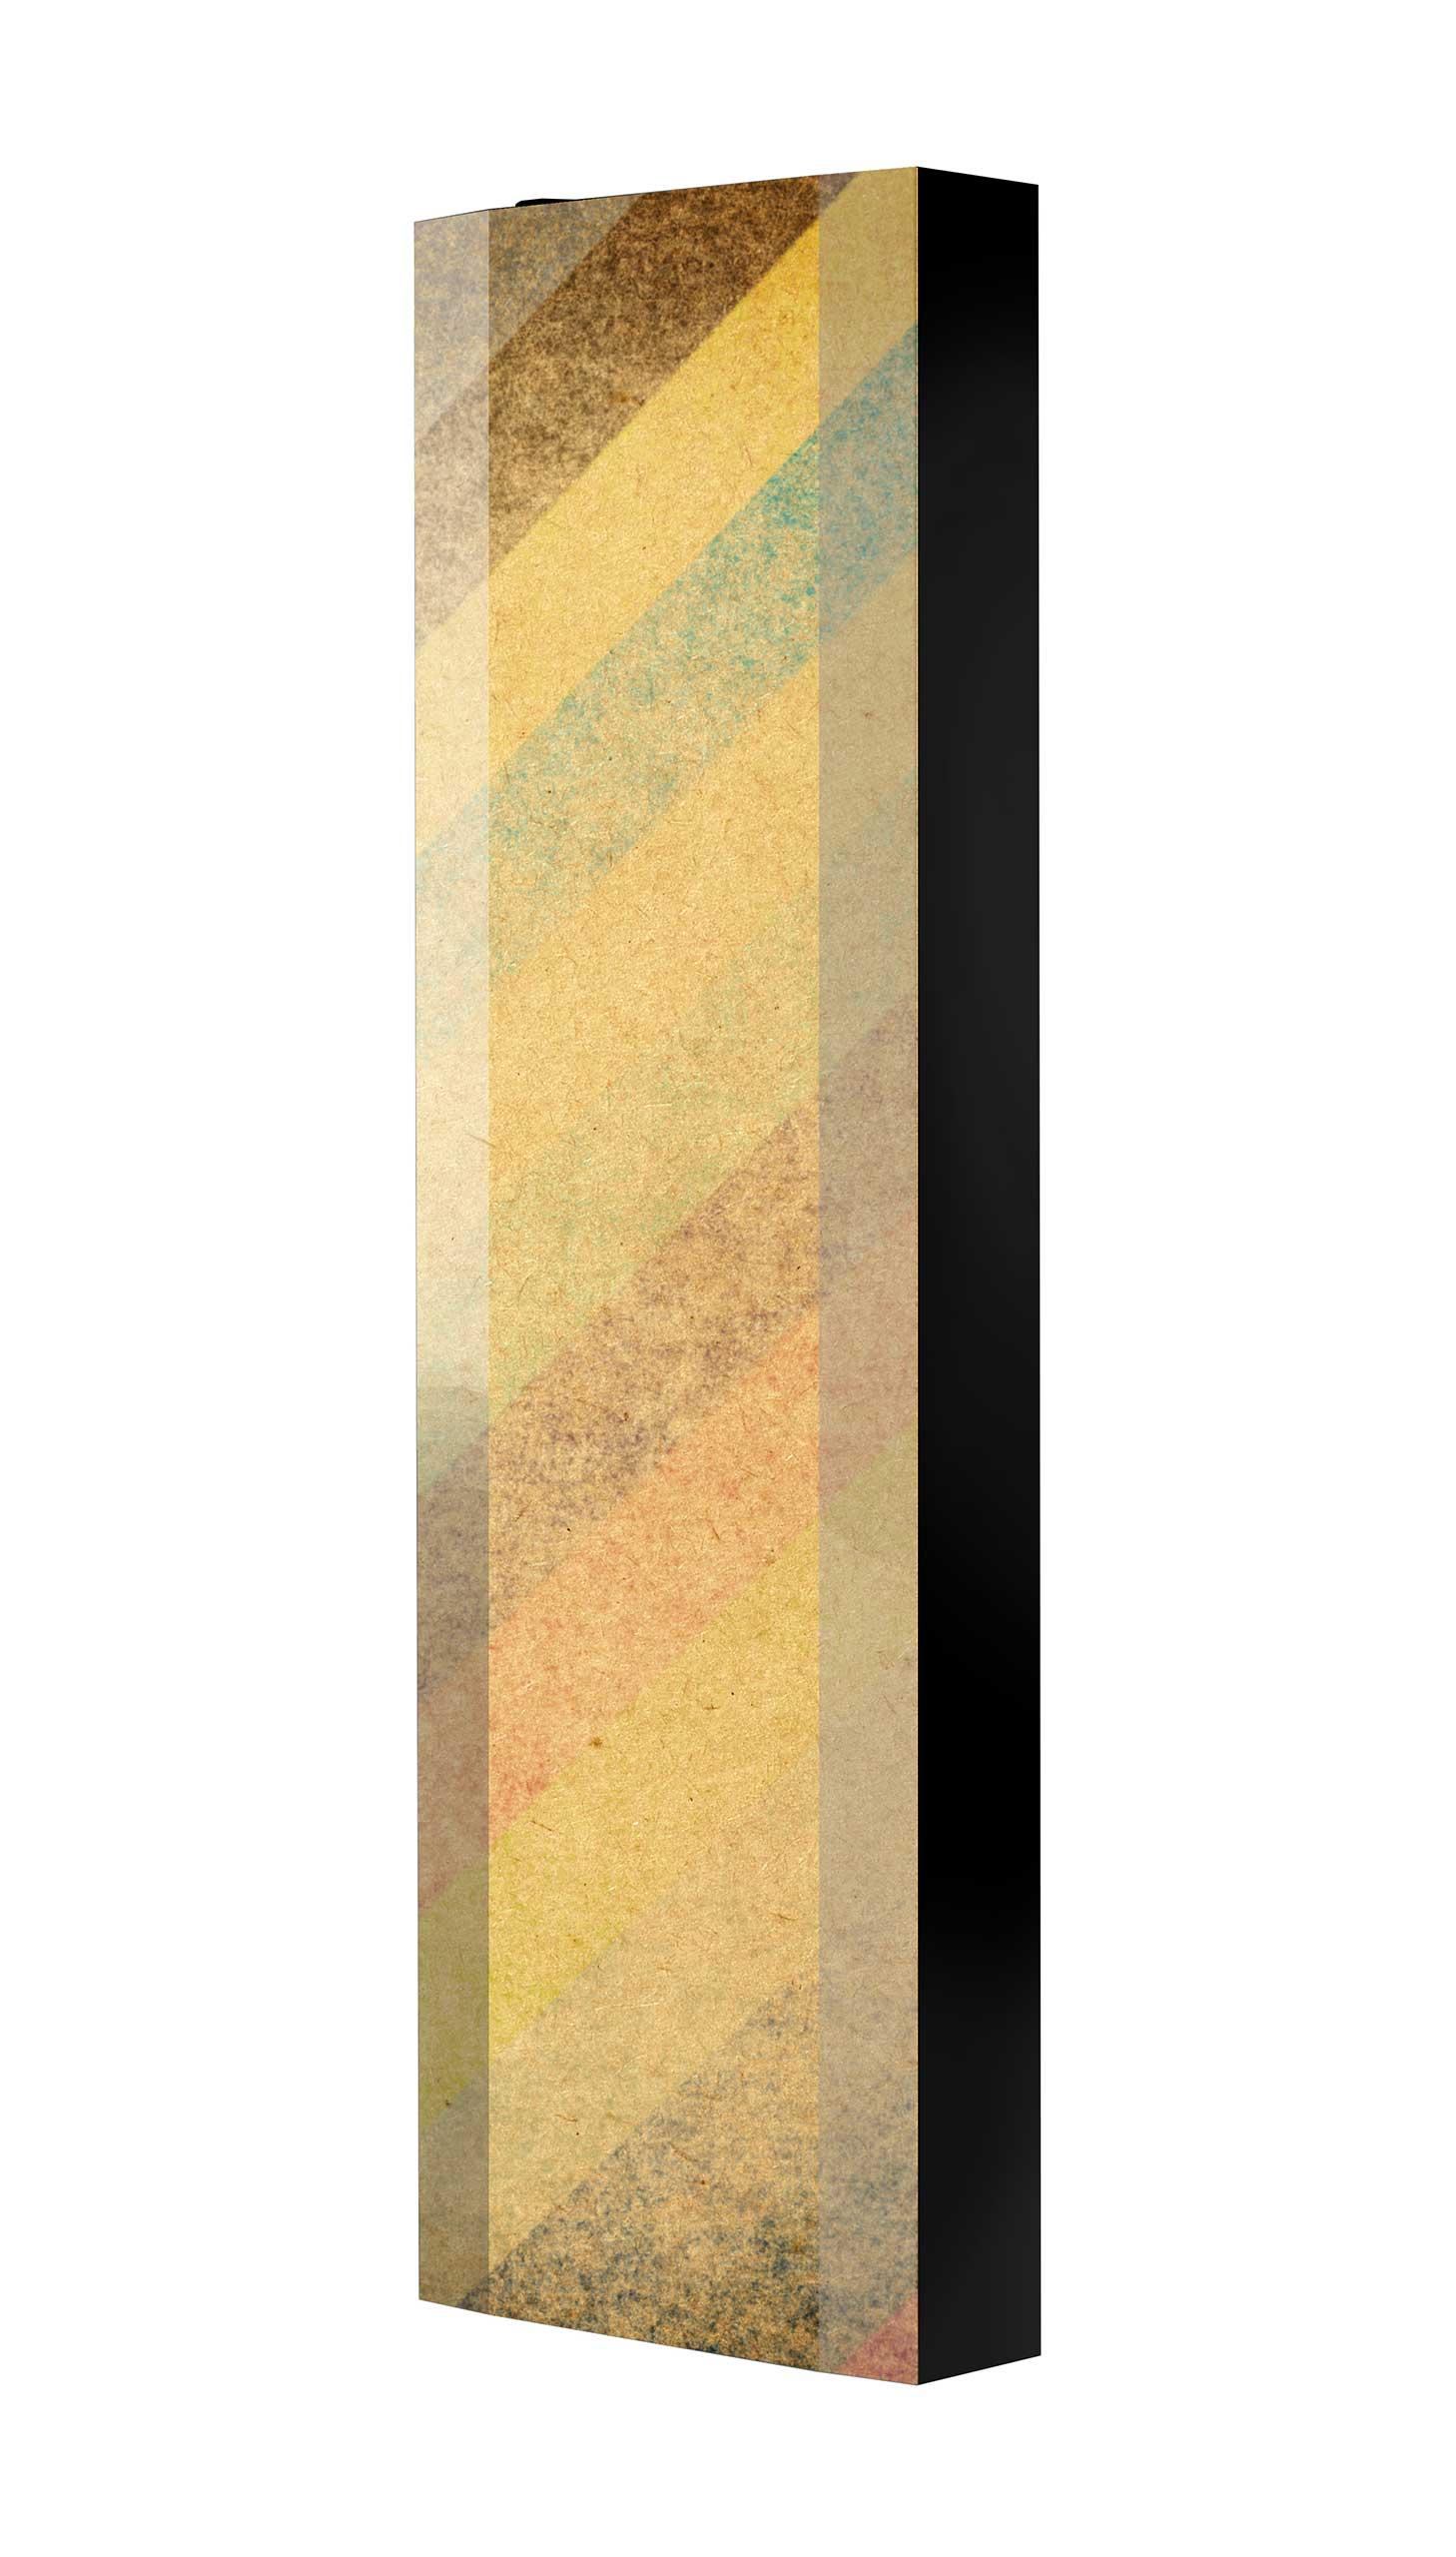 Schuhschrank FLASH 450 BLACK-EDITION Motivschrank schwarz drehbar M03 Tapete Vintage